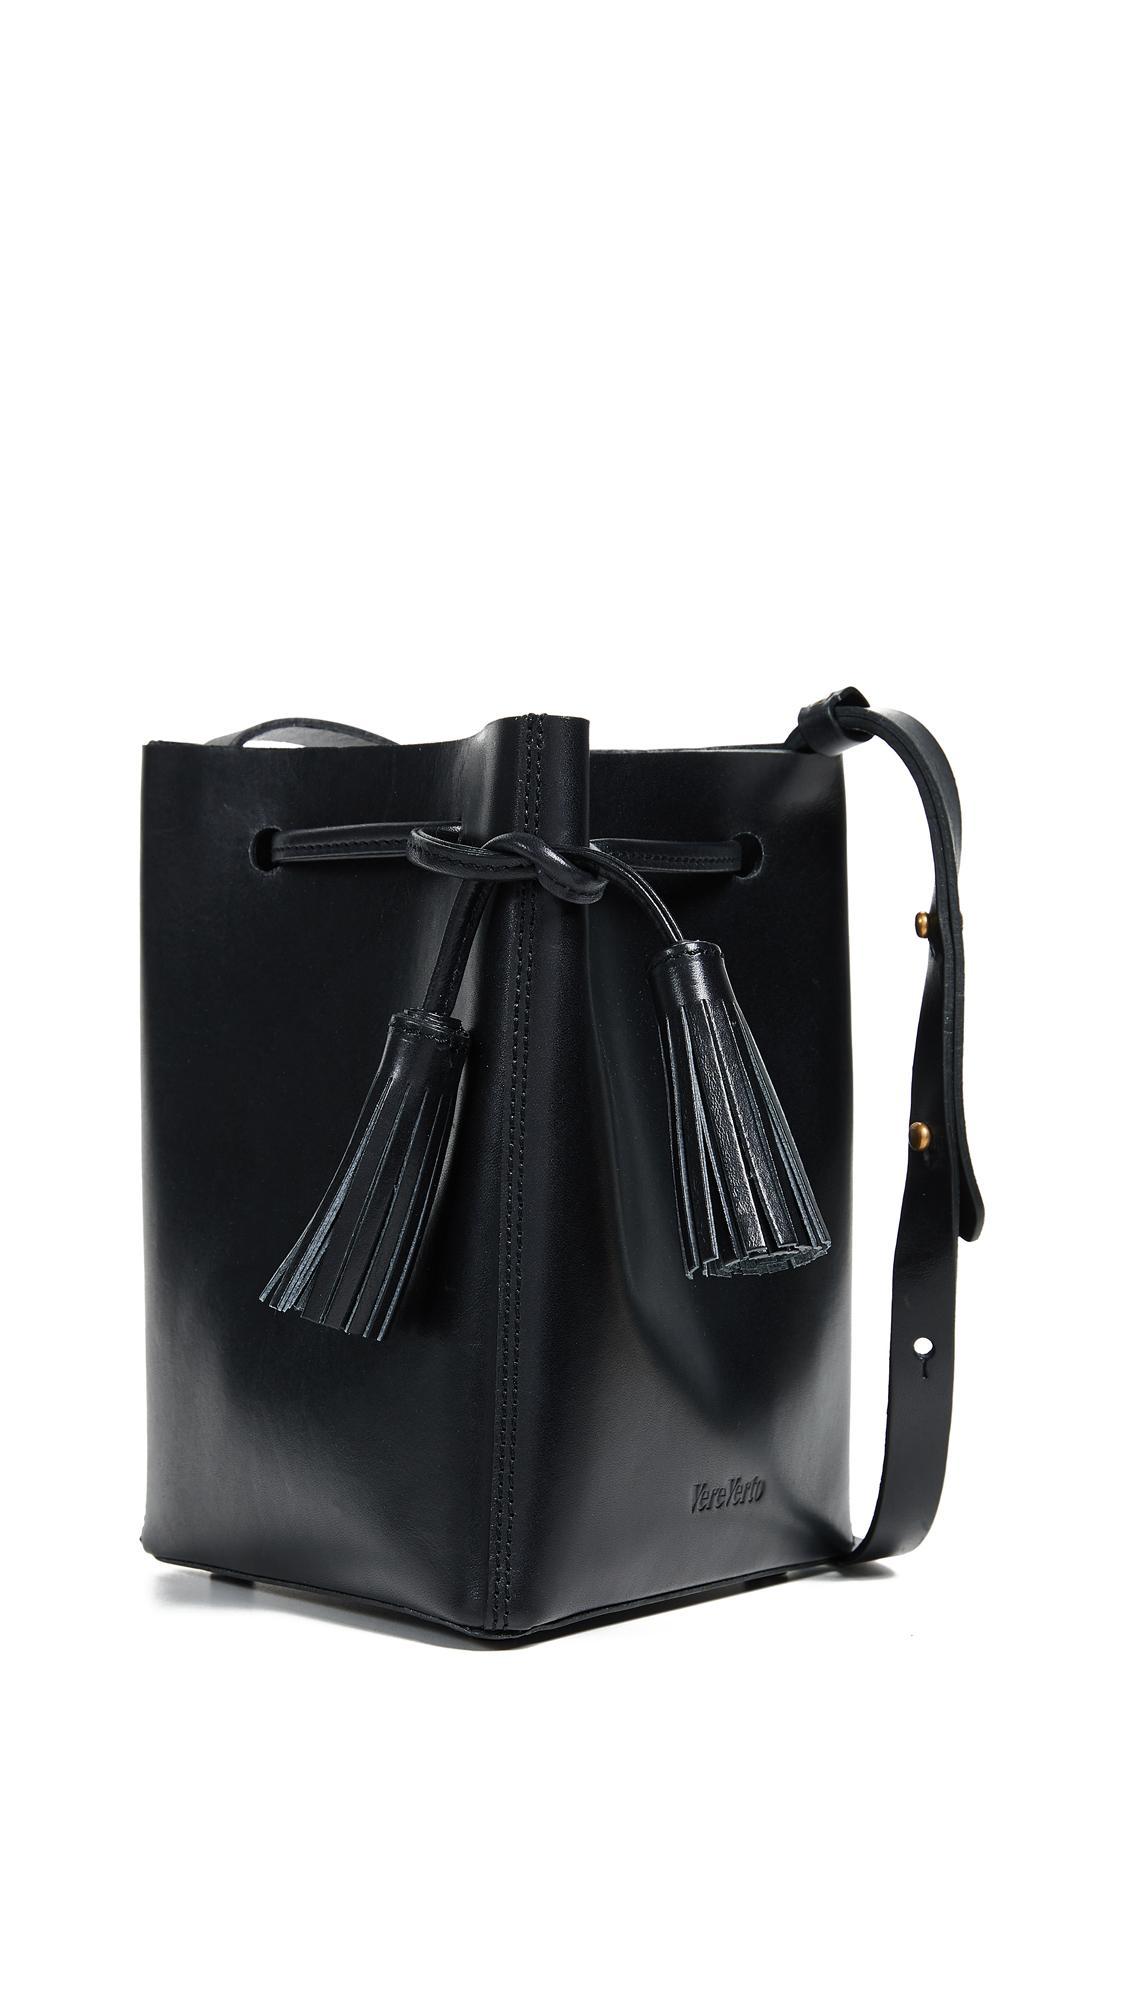 Vereverto Mini Tris Bucket Bag In Black